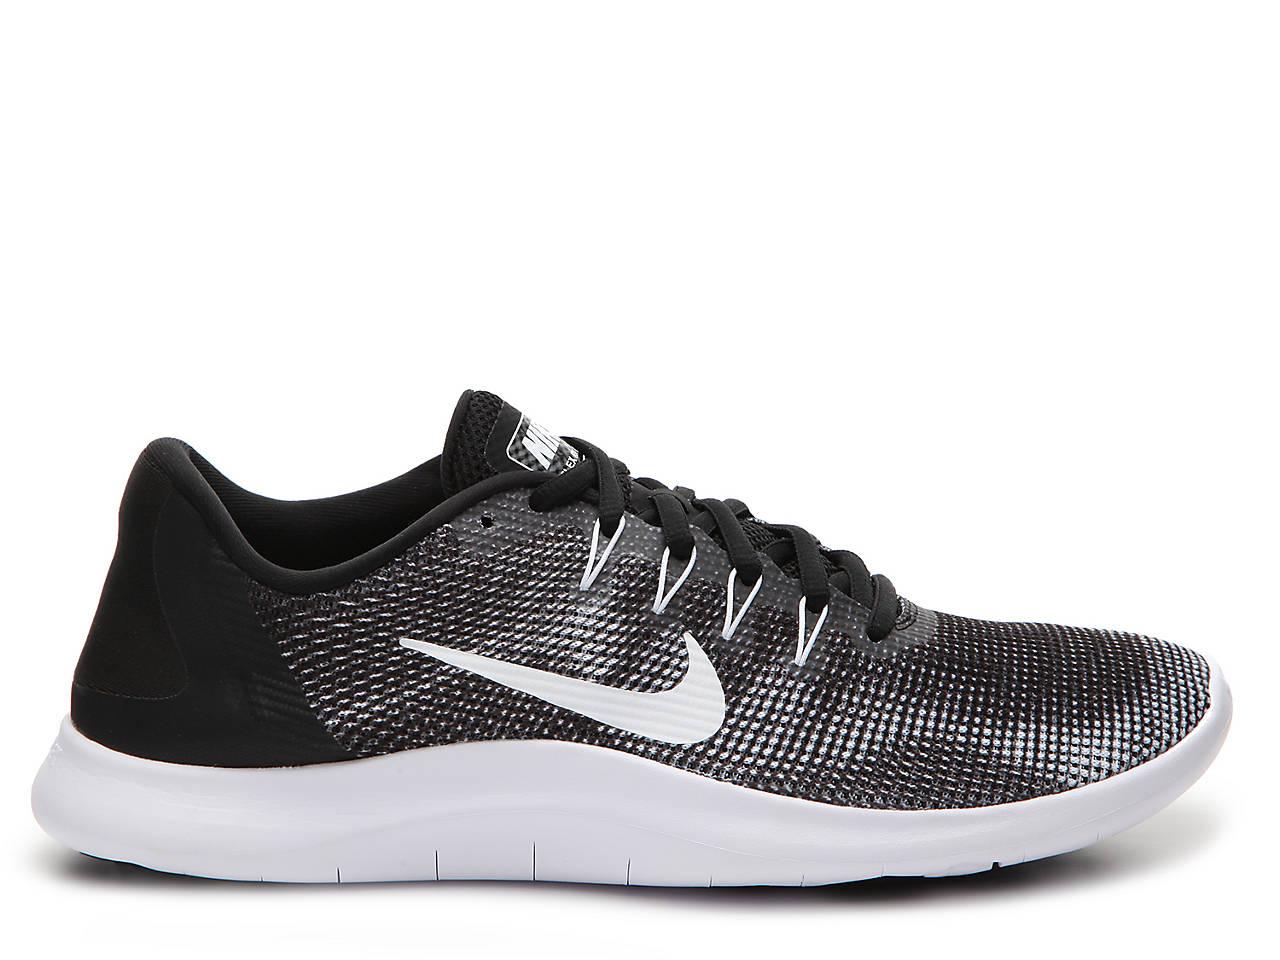 629226068883 Nike Flex Lightweight 2018 RN Sneaker - Men s Men s Shoes